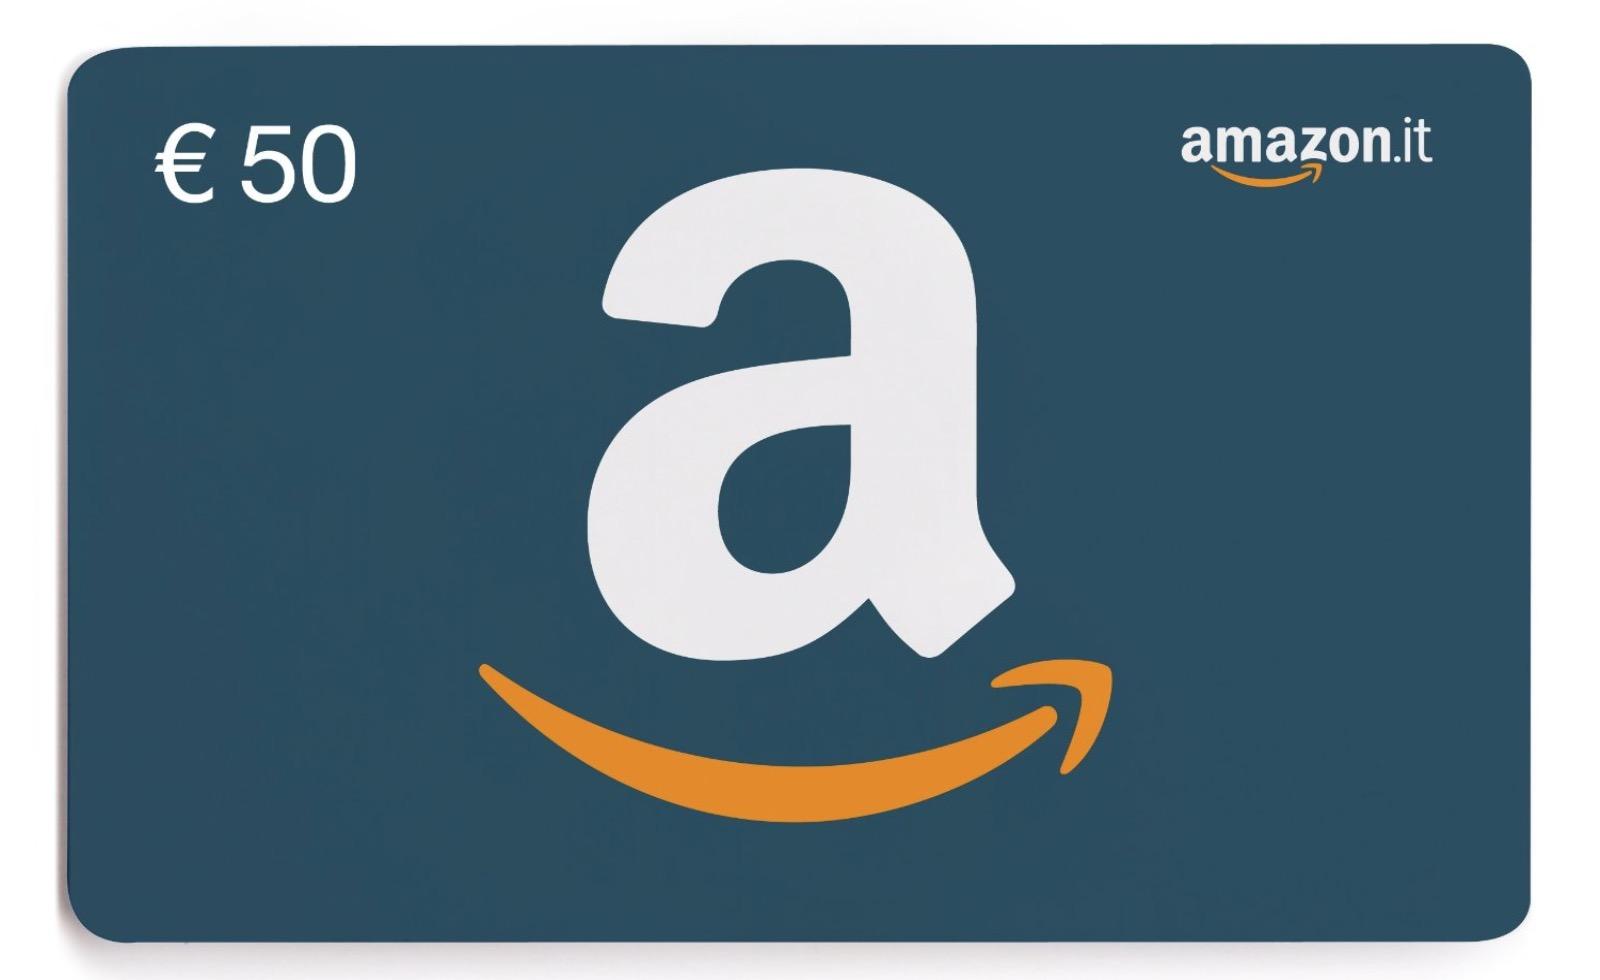 0d668bfb1a Su Amazon, 6 euro di sconto per chi acquista un buono regalo da 50 euro